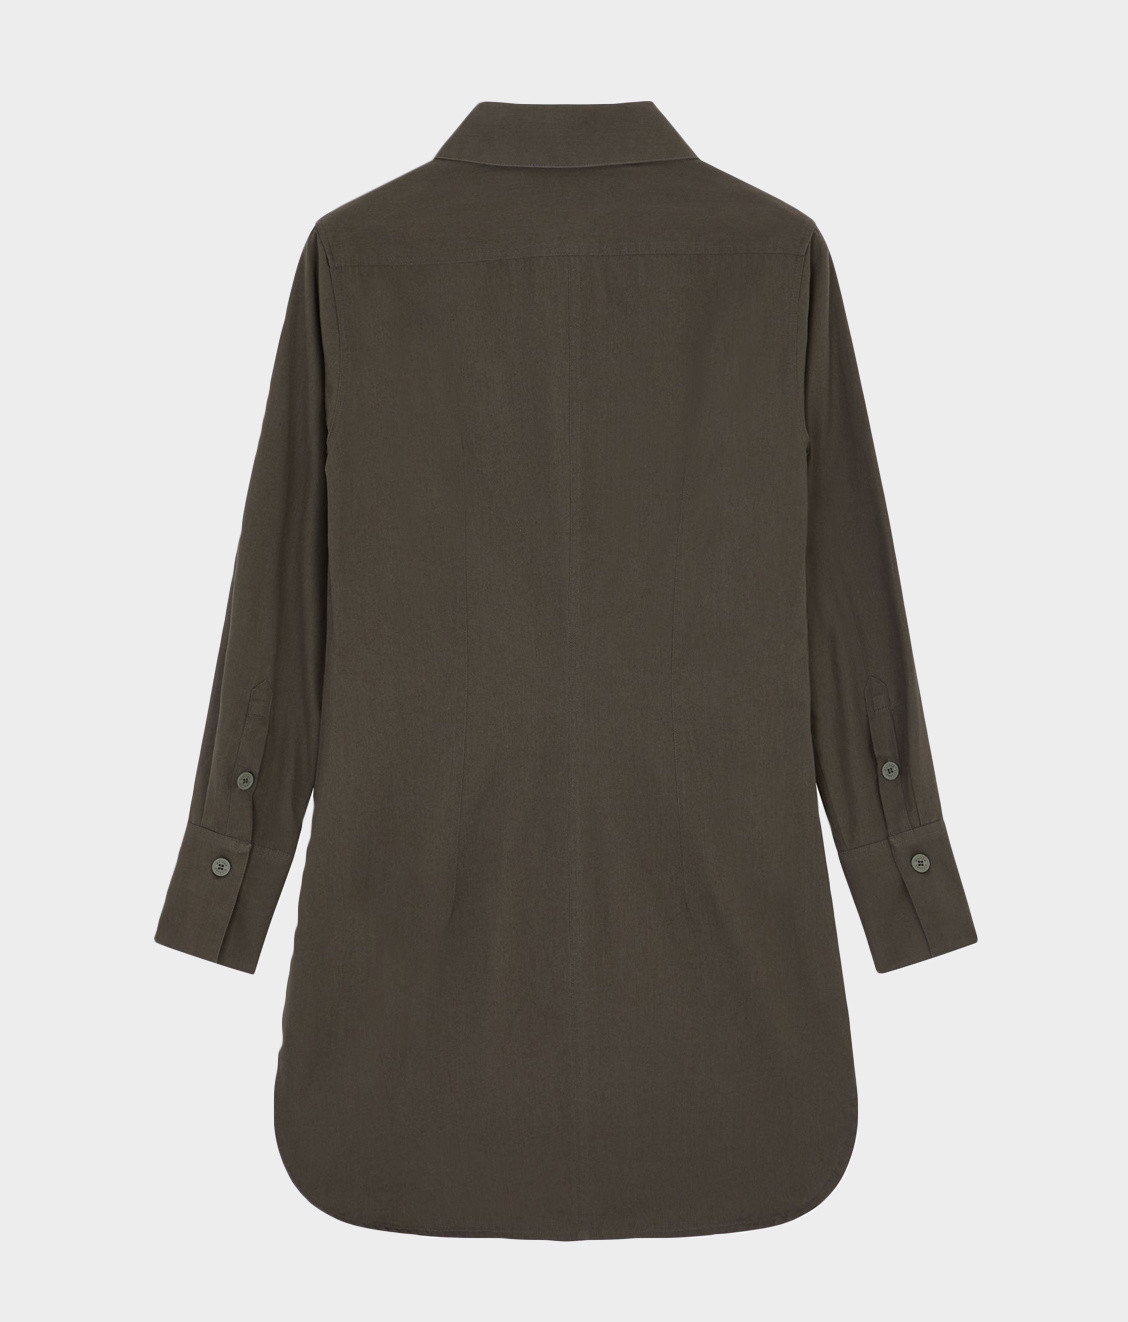 Maison Kitsune Maison Kitsune Fitted Shirt Dress Khaki